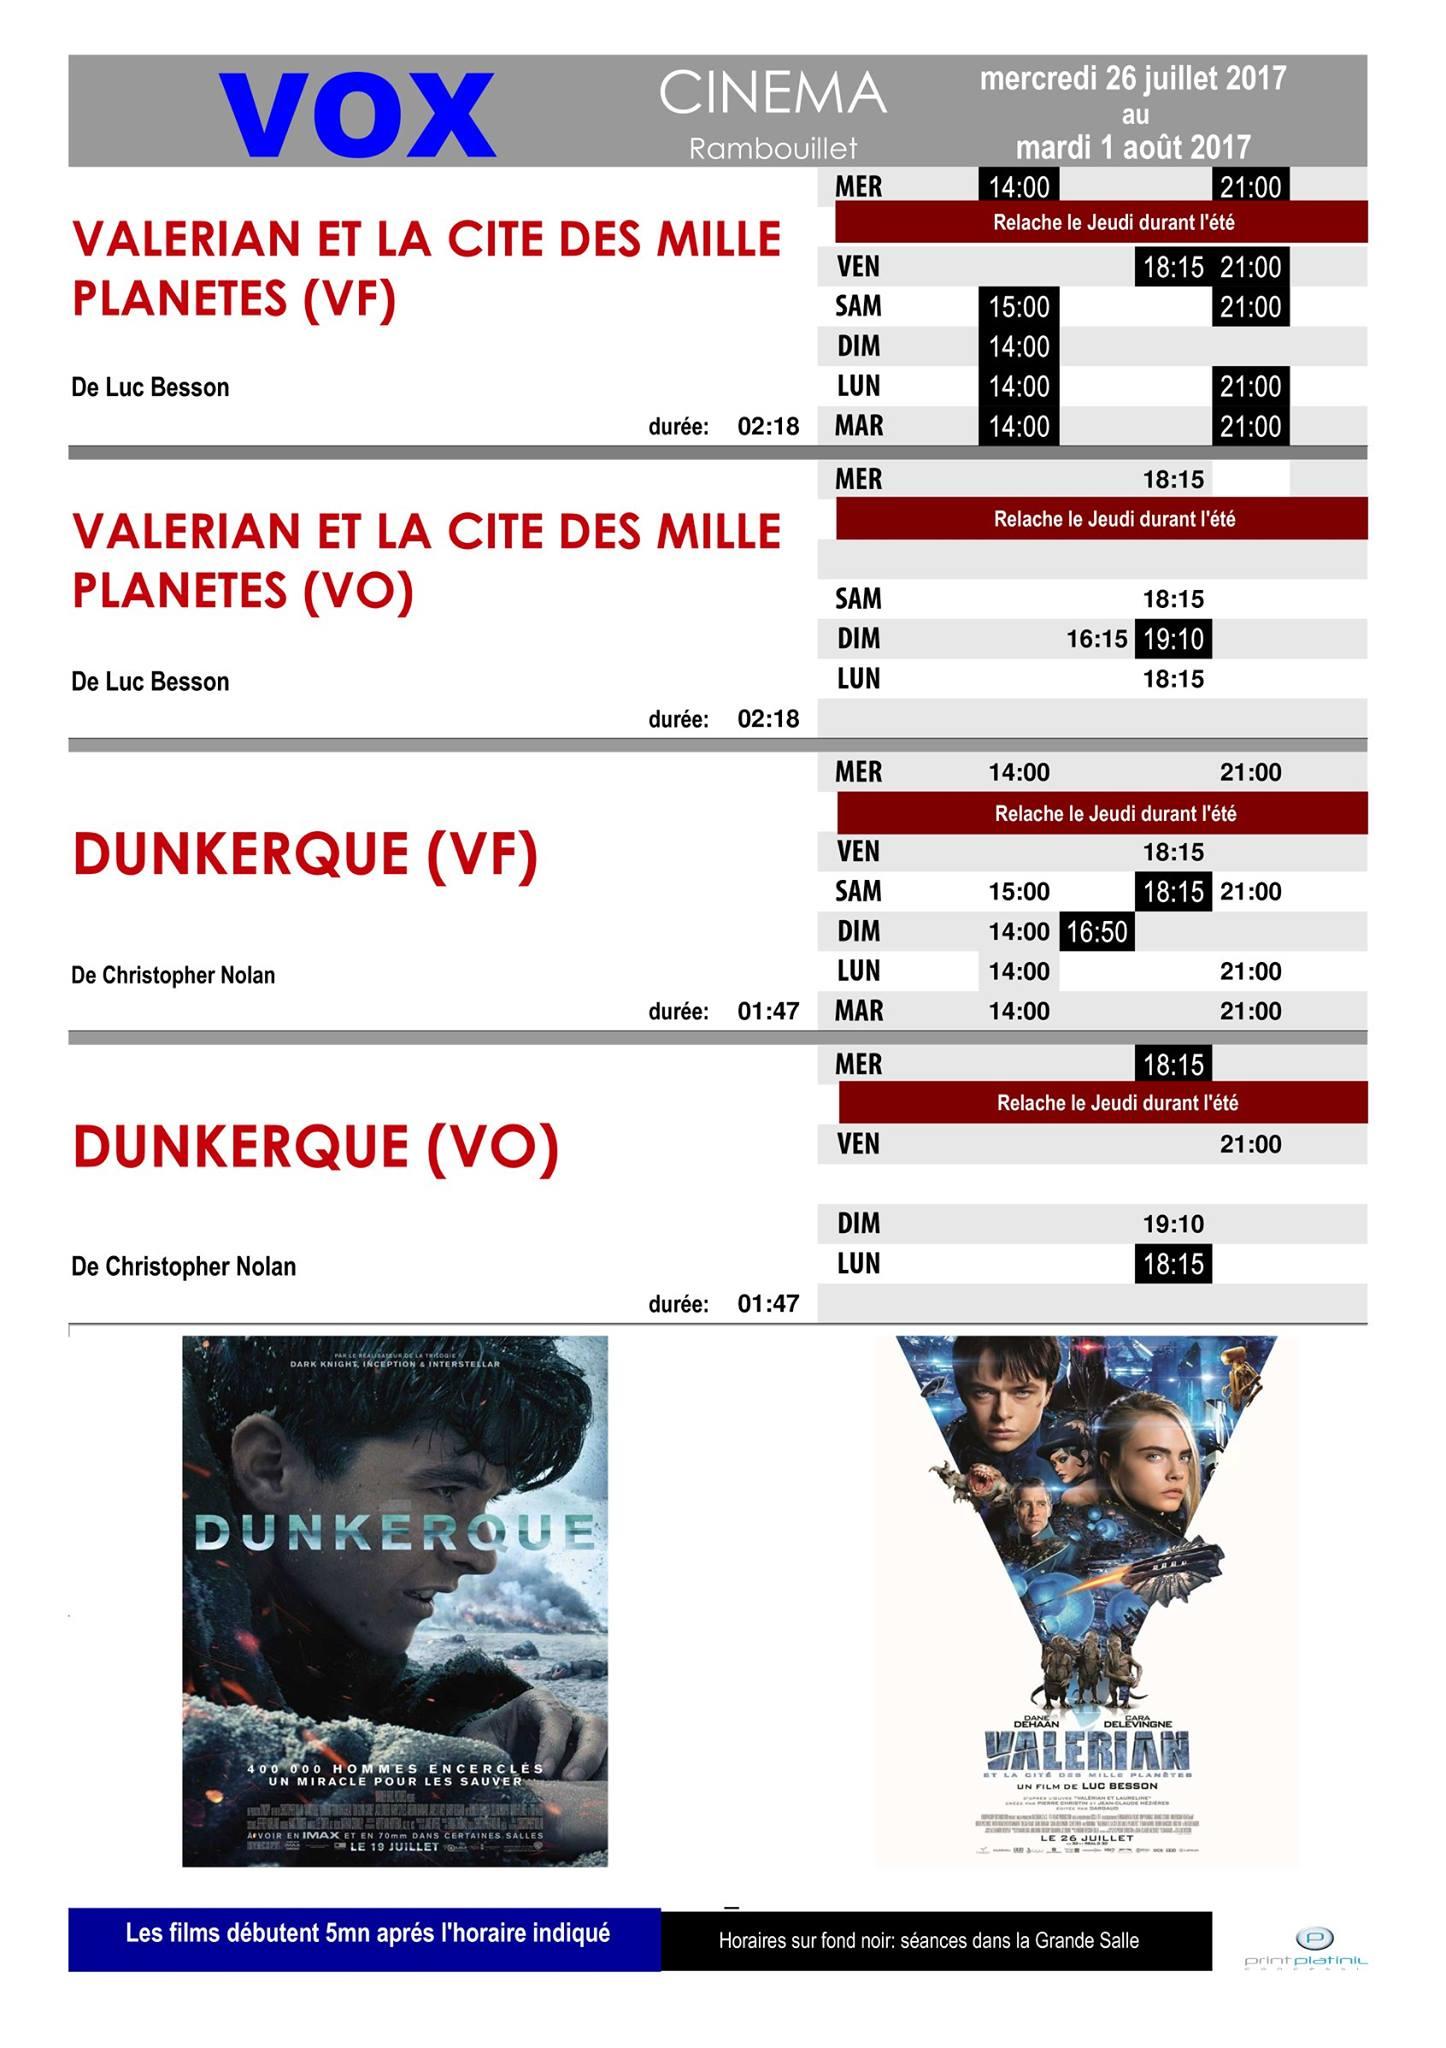 Le programme de votre cinéma Vox à Rambouillet du Mercredi 26 juillet au Mardi 1er août 2017